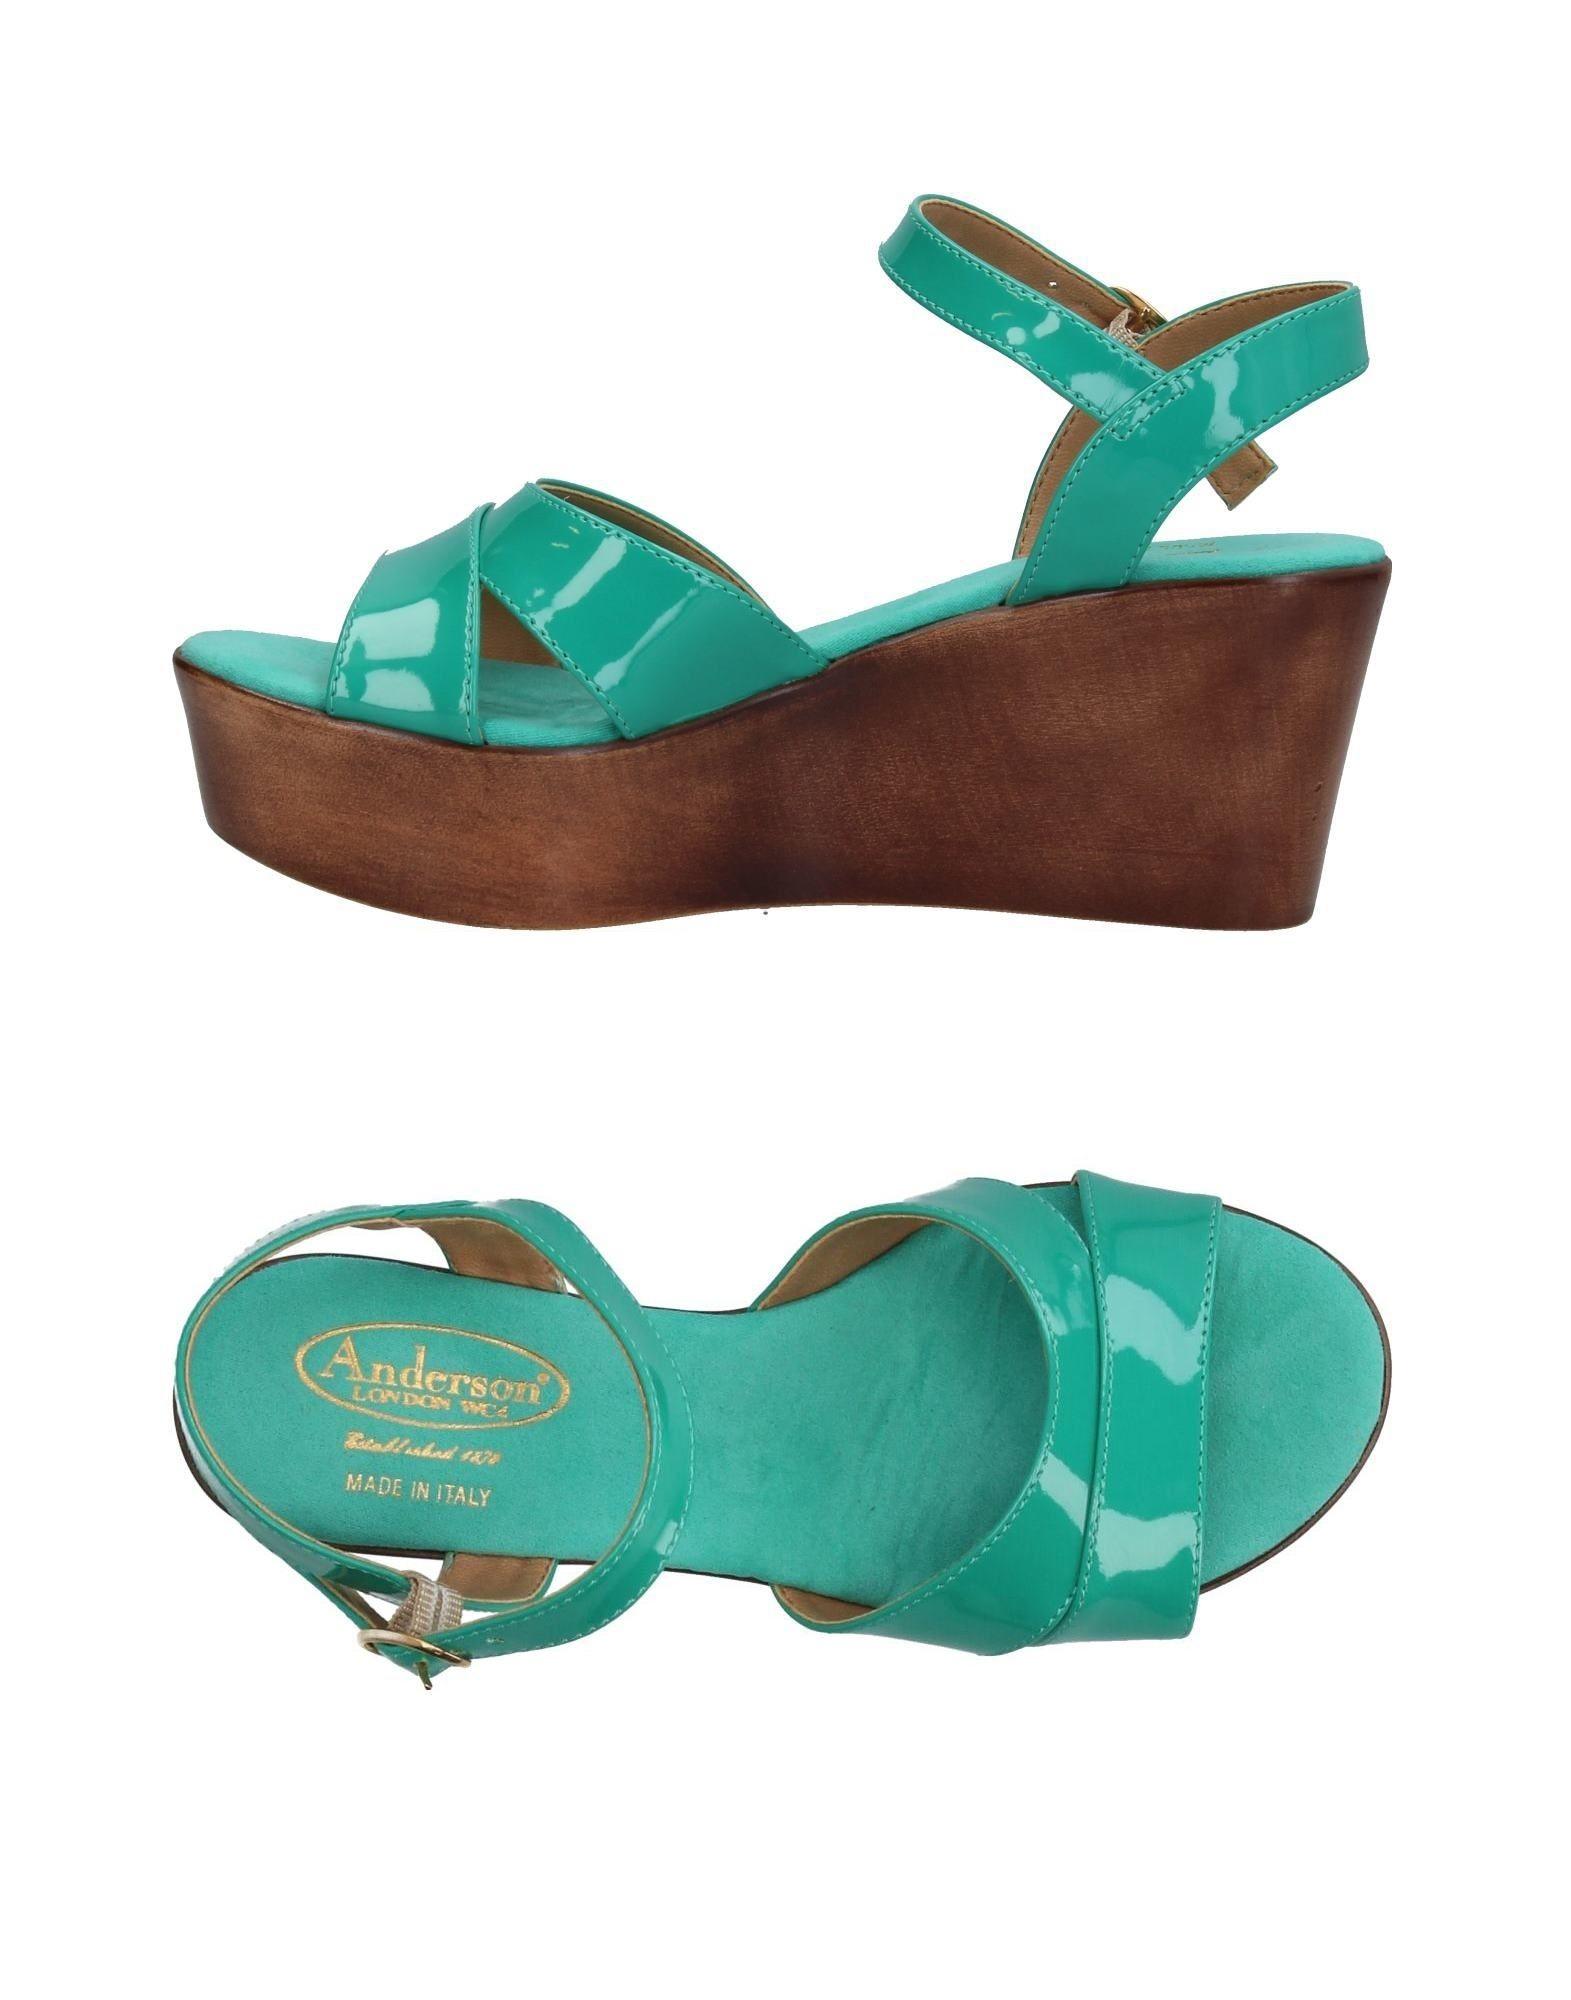 Moda Sandali Anderson Donna - 11384564QQ